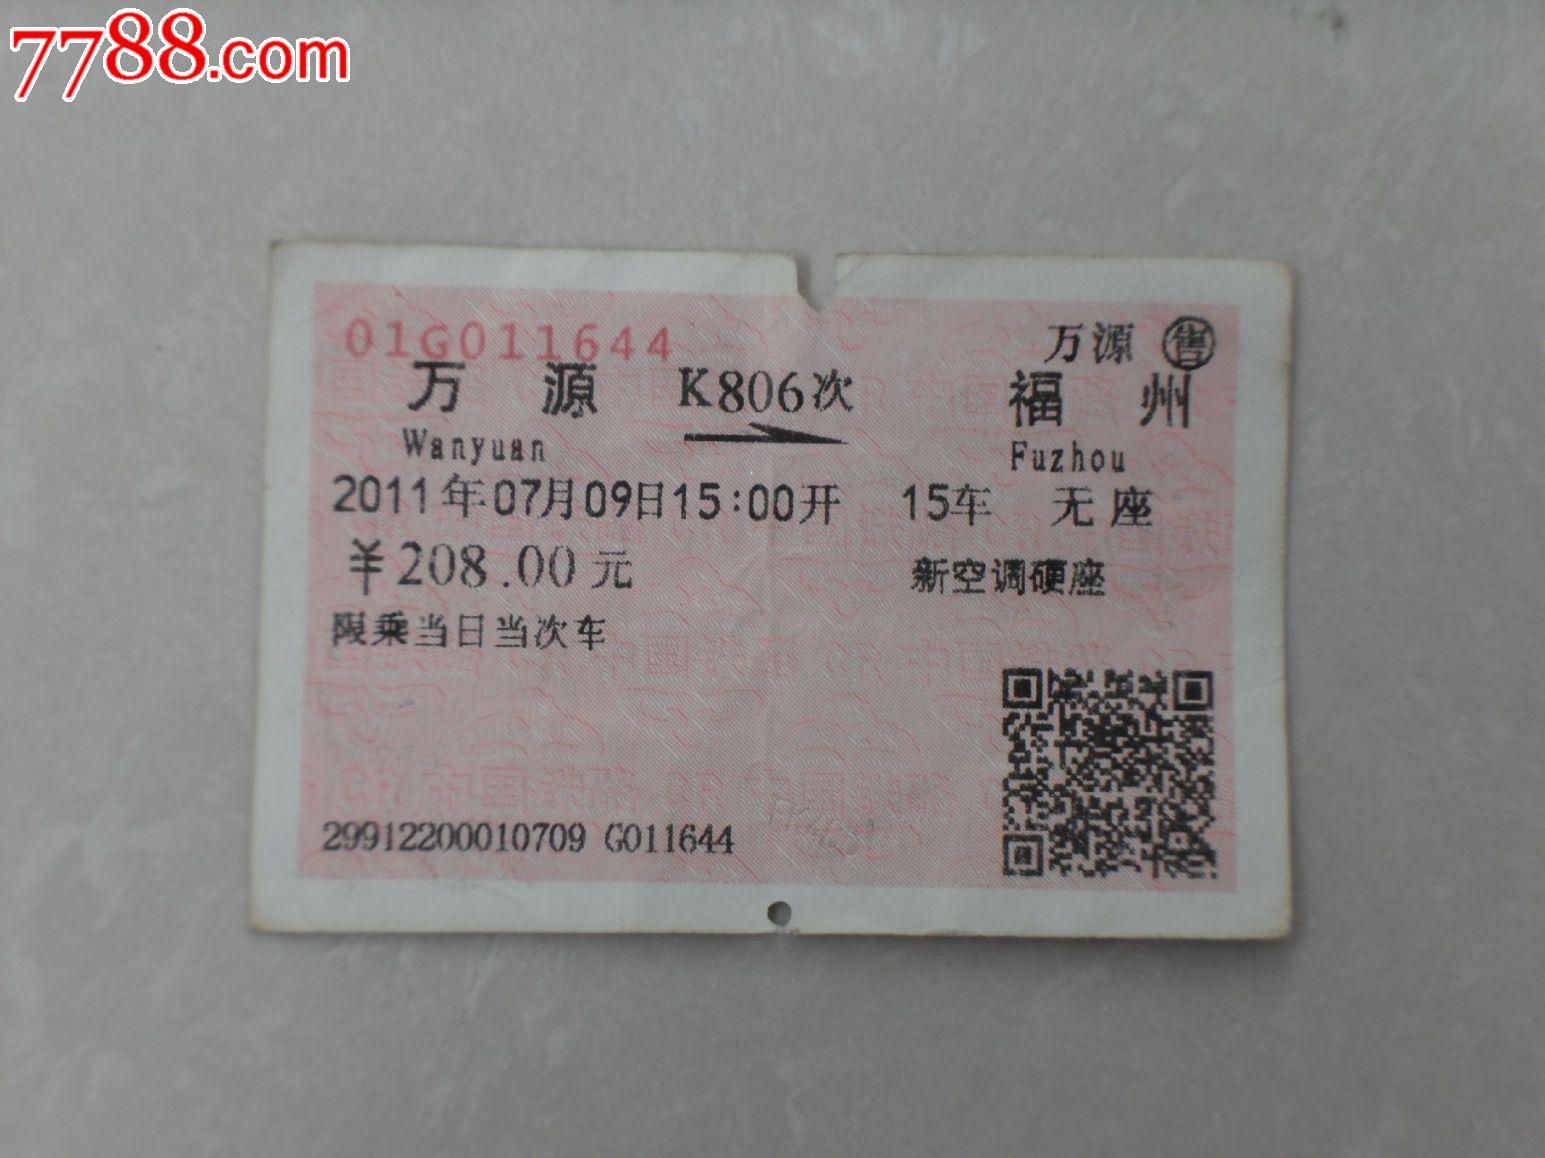 属性: 普通火车票,,2010-2019年,普通票,,,产地不详,地图/路线说明图片